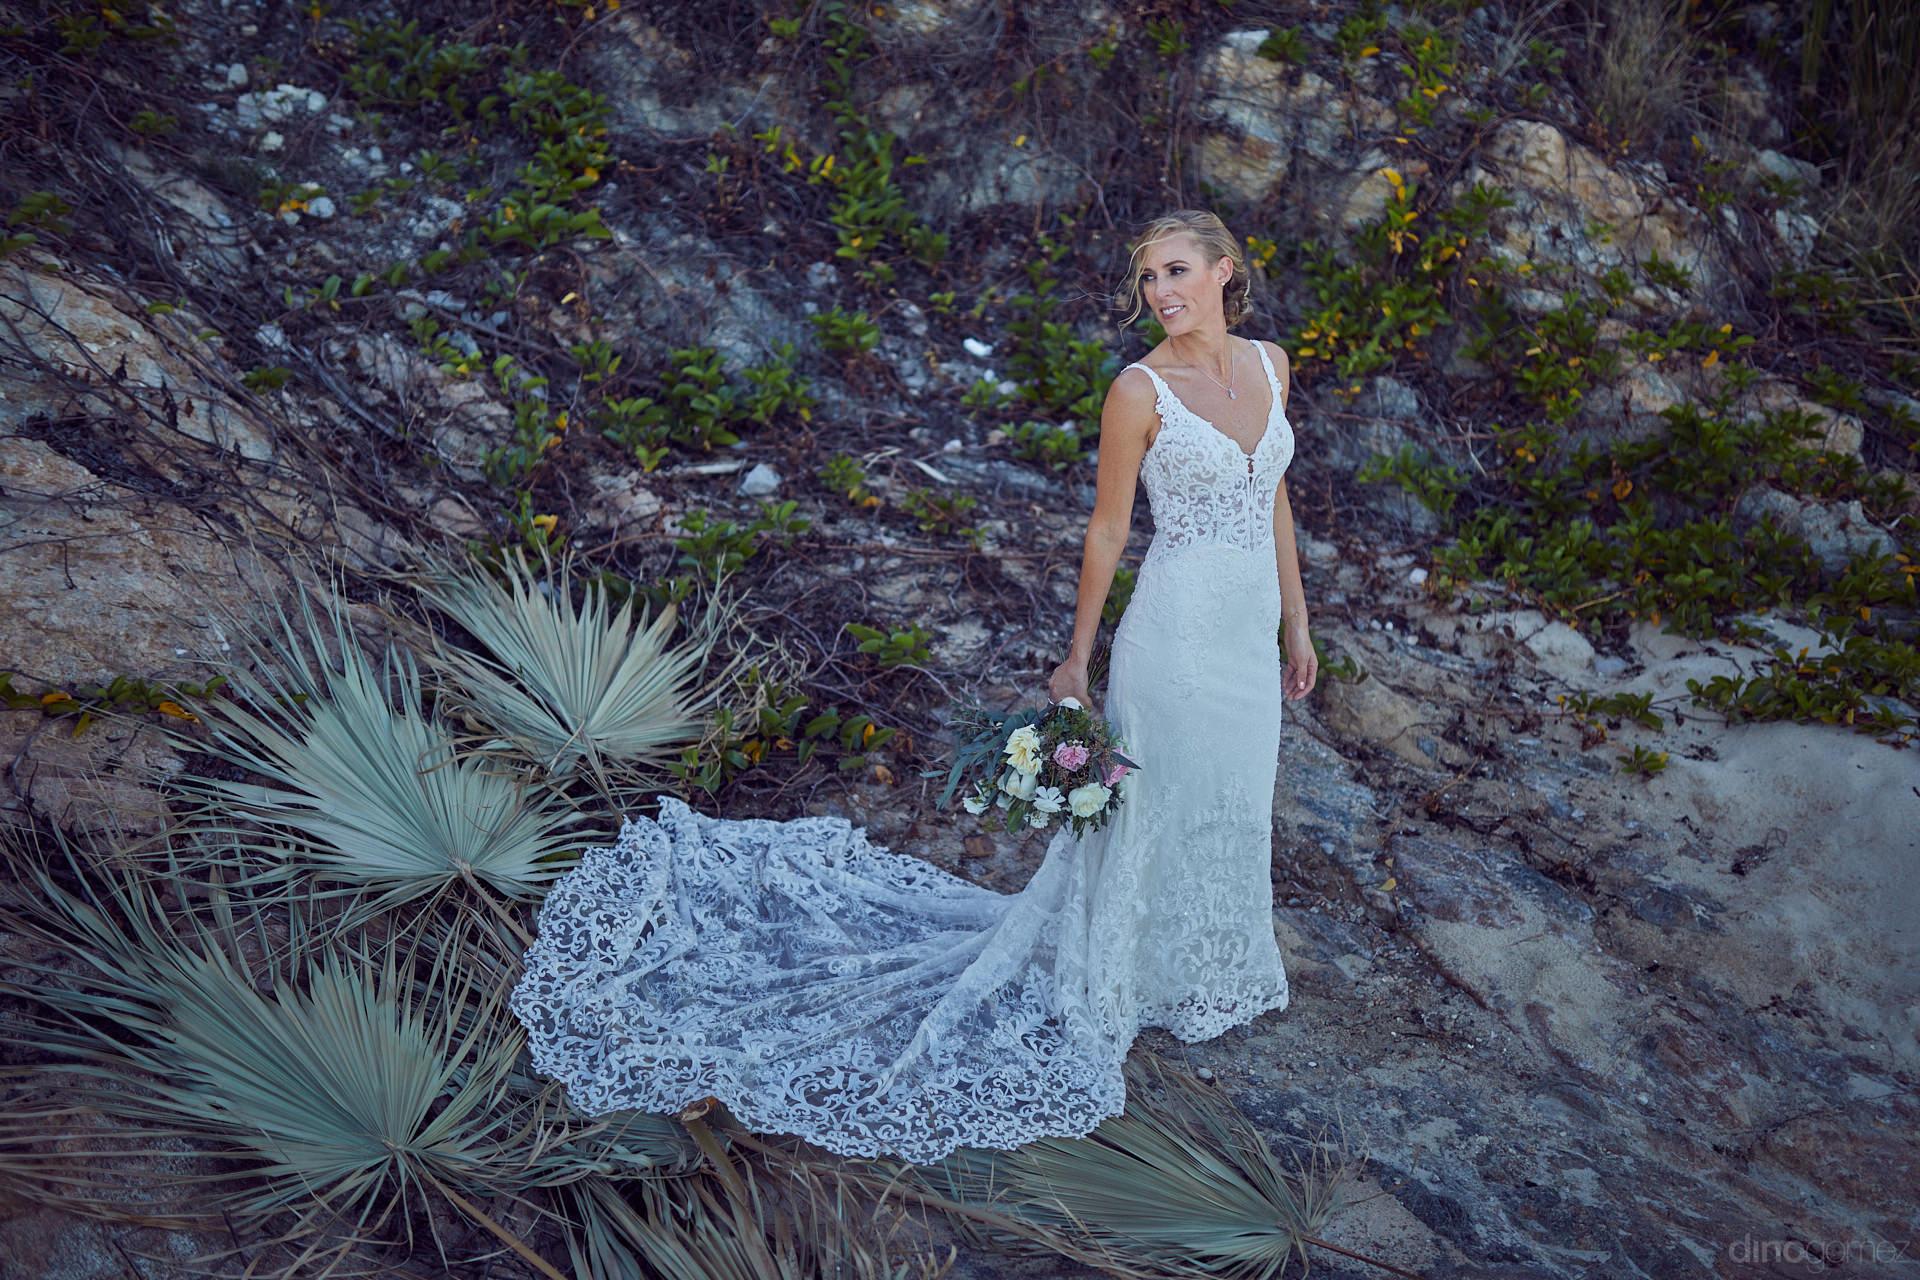 Cabo Fashion Photographer Awarded International Photography Prize